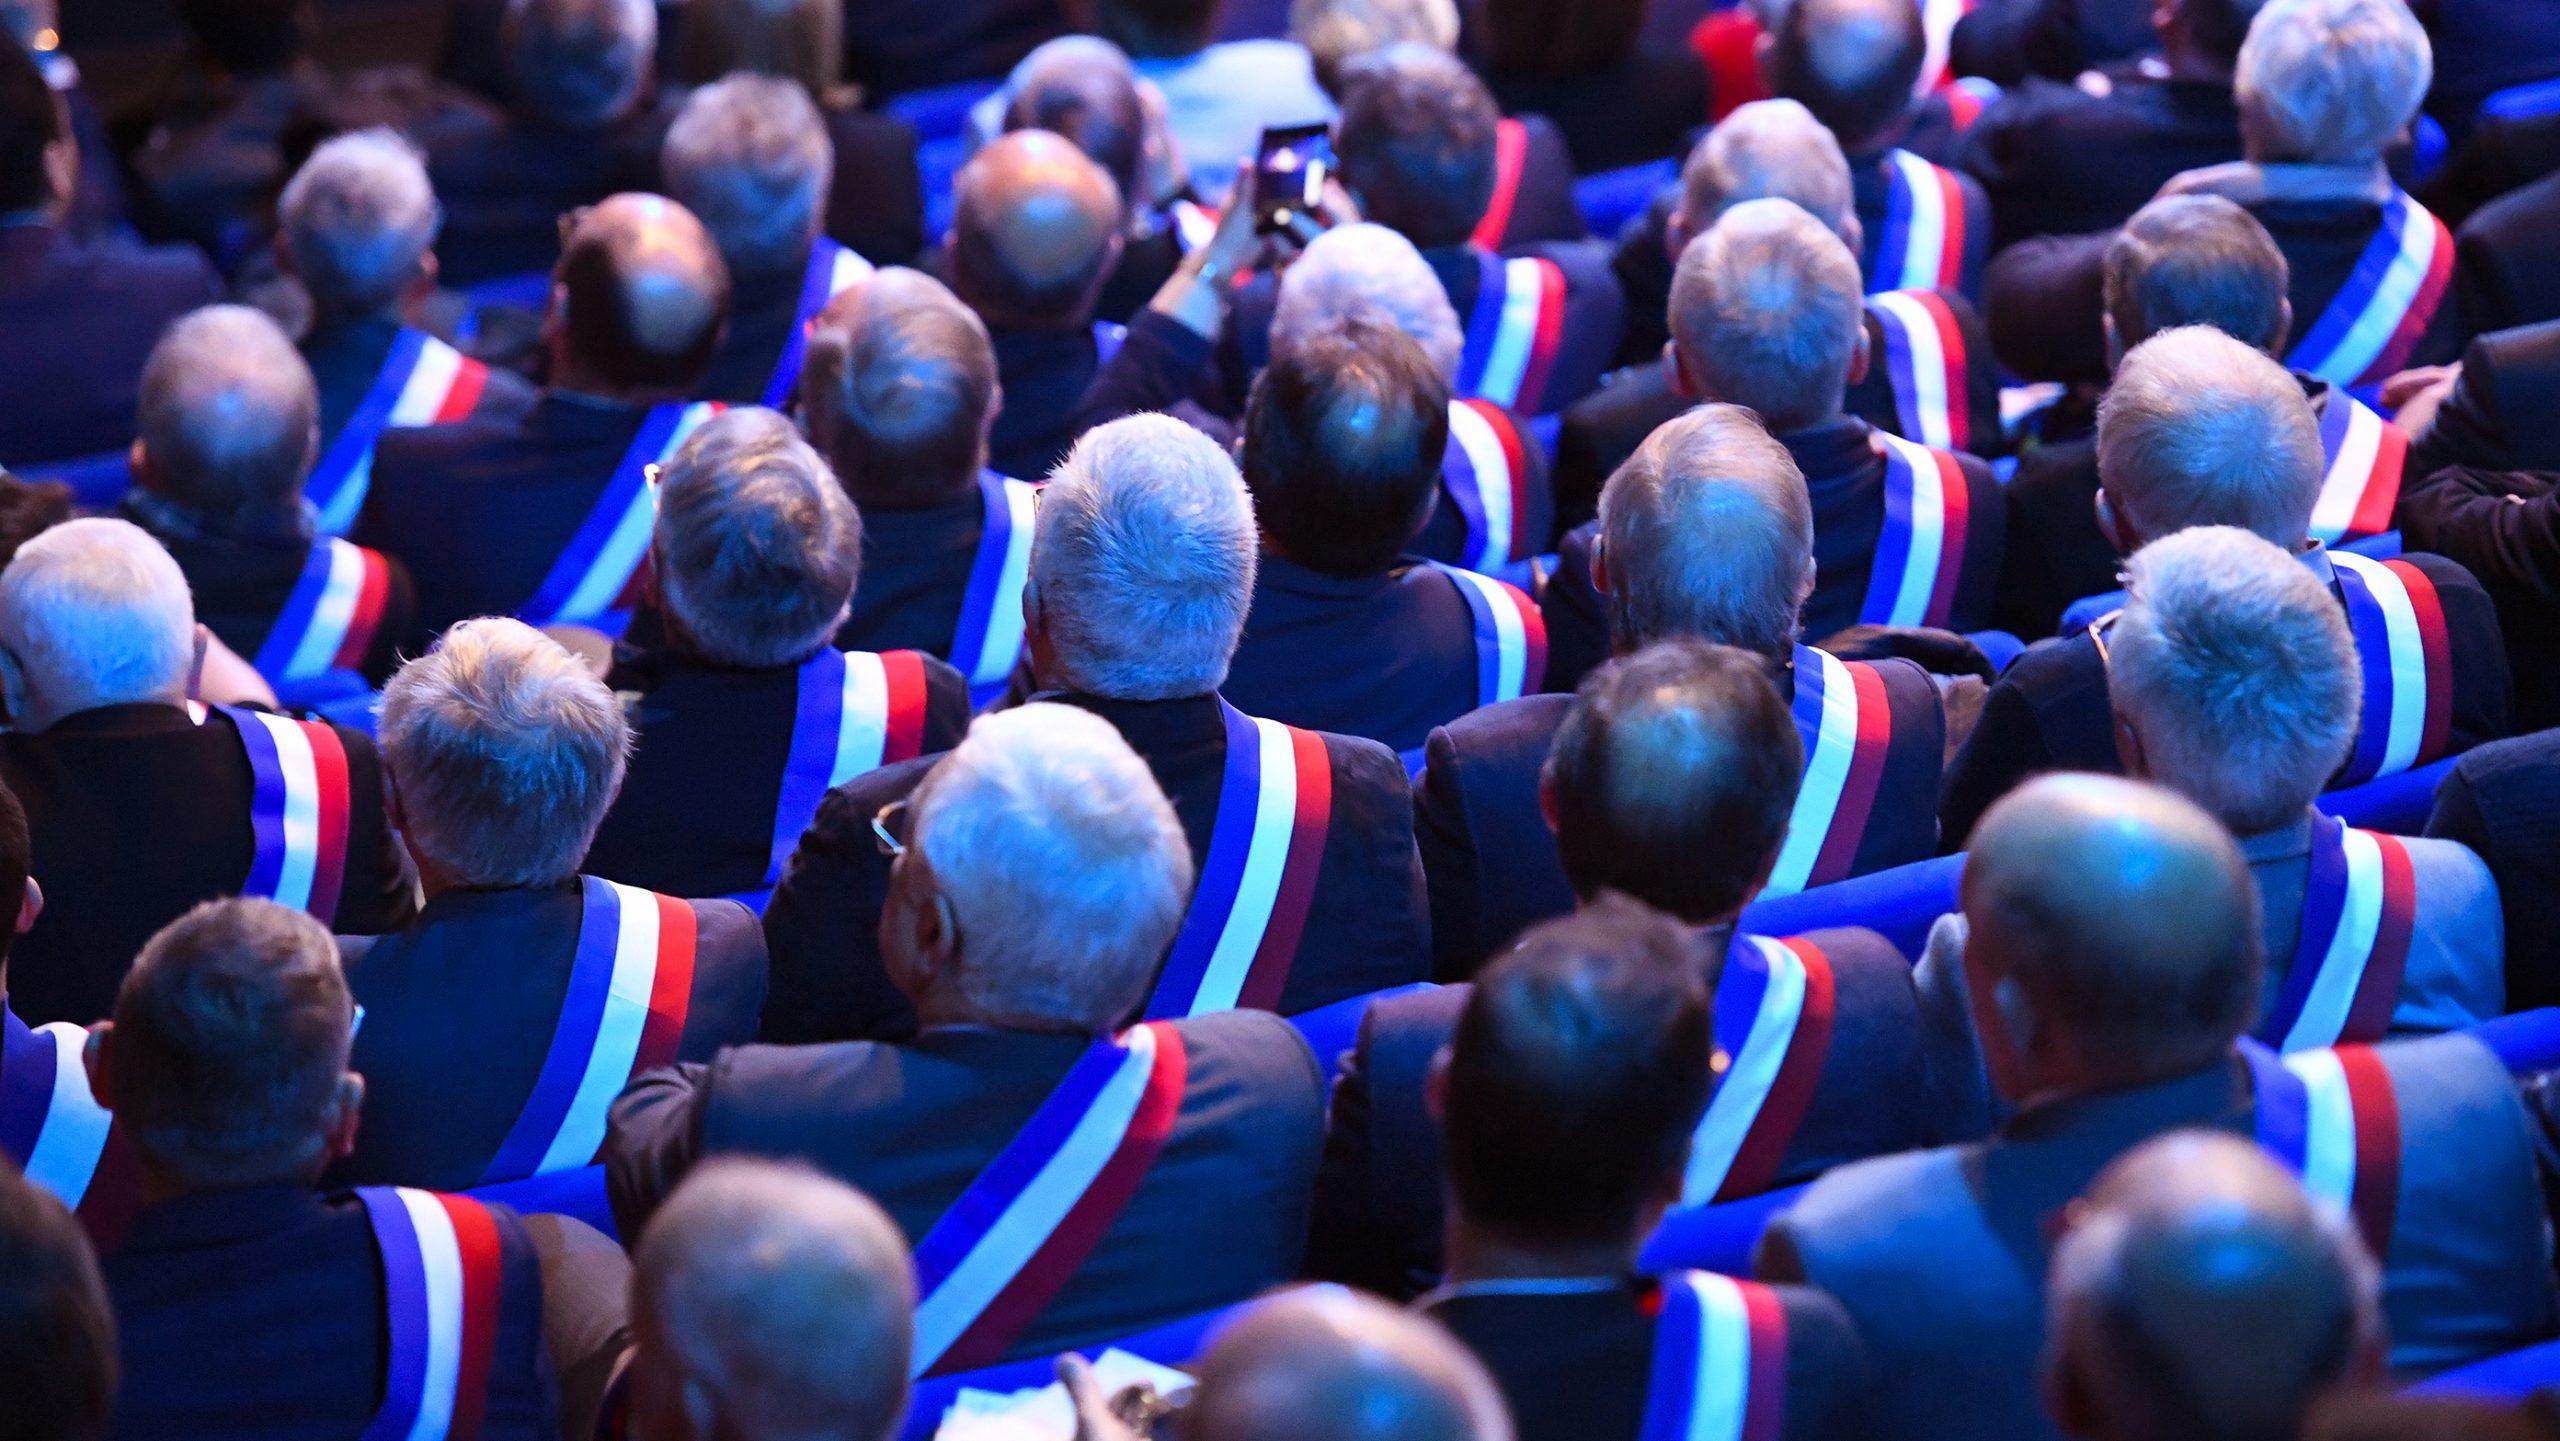 Il était temps que le Président redécouvre les maires (JBC #130)